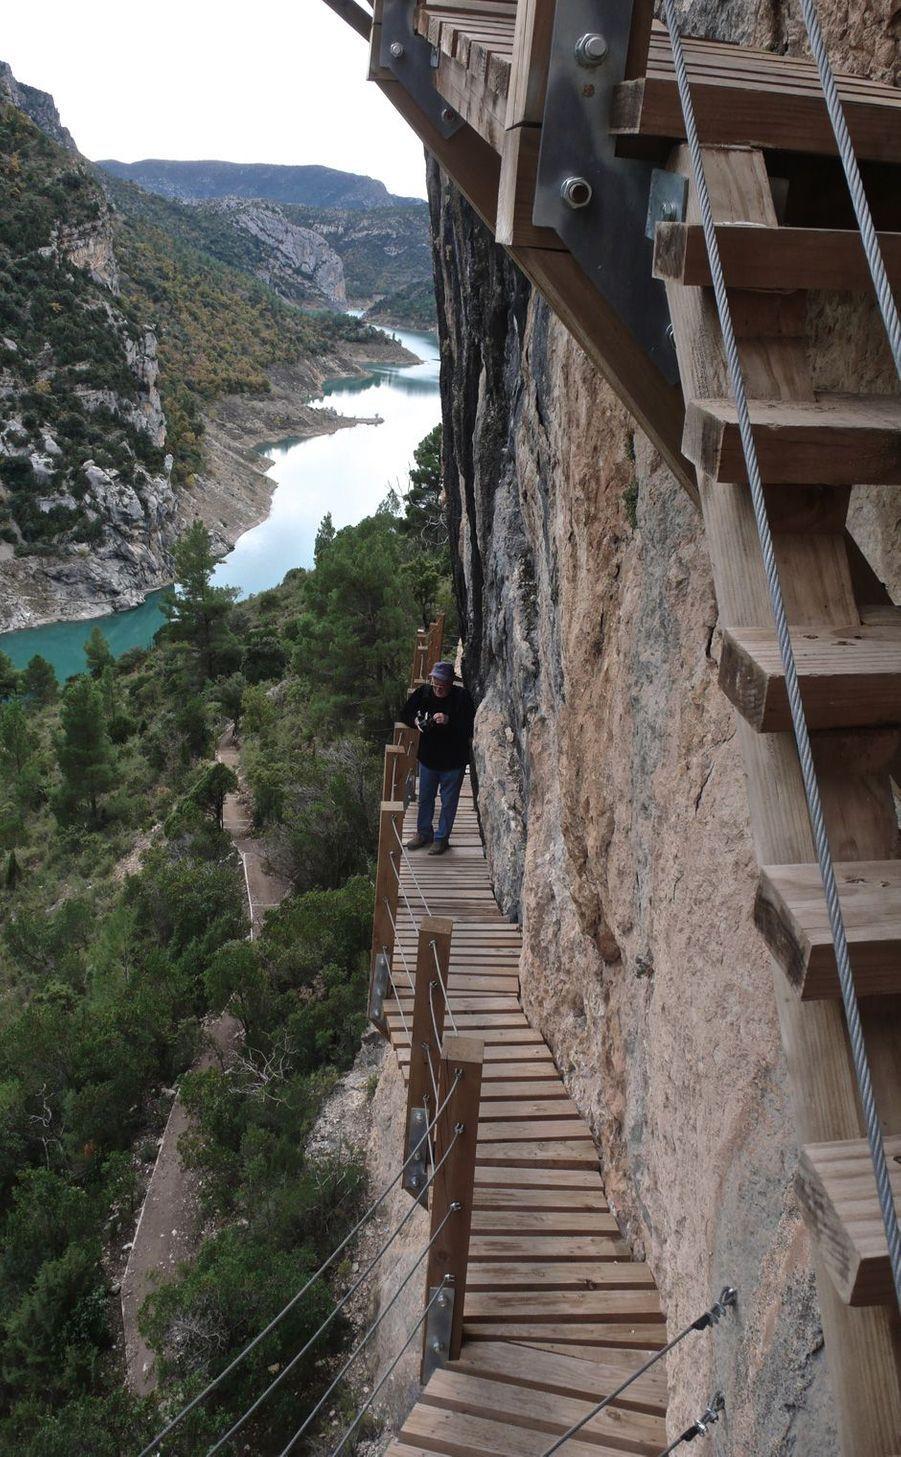 Le parc national de Ordesa y Monte Perdido en Aragon.